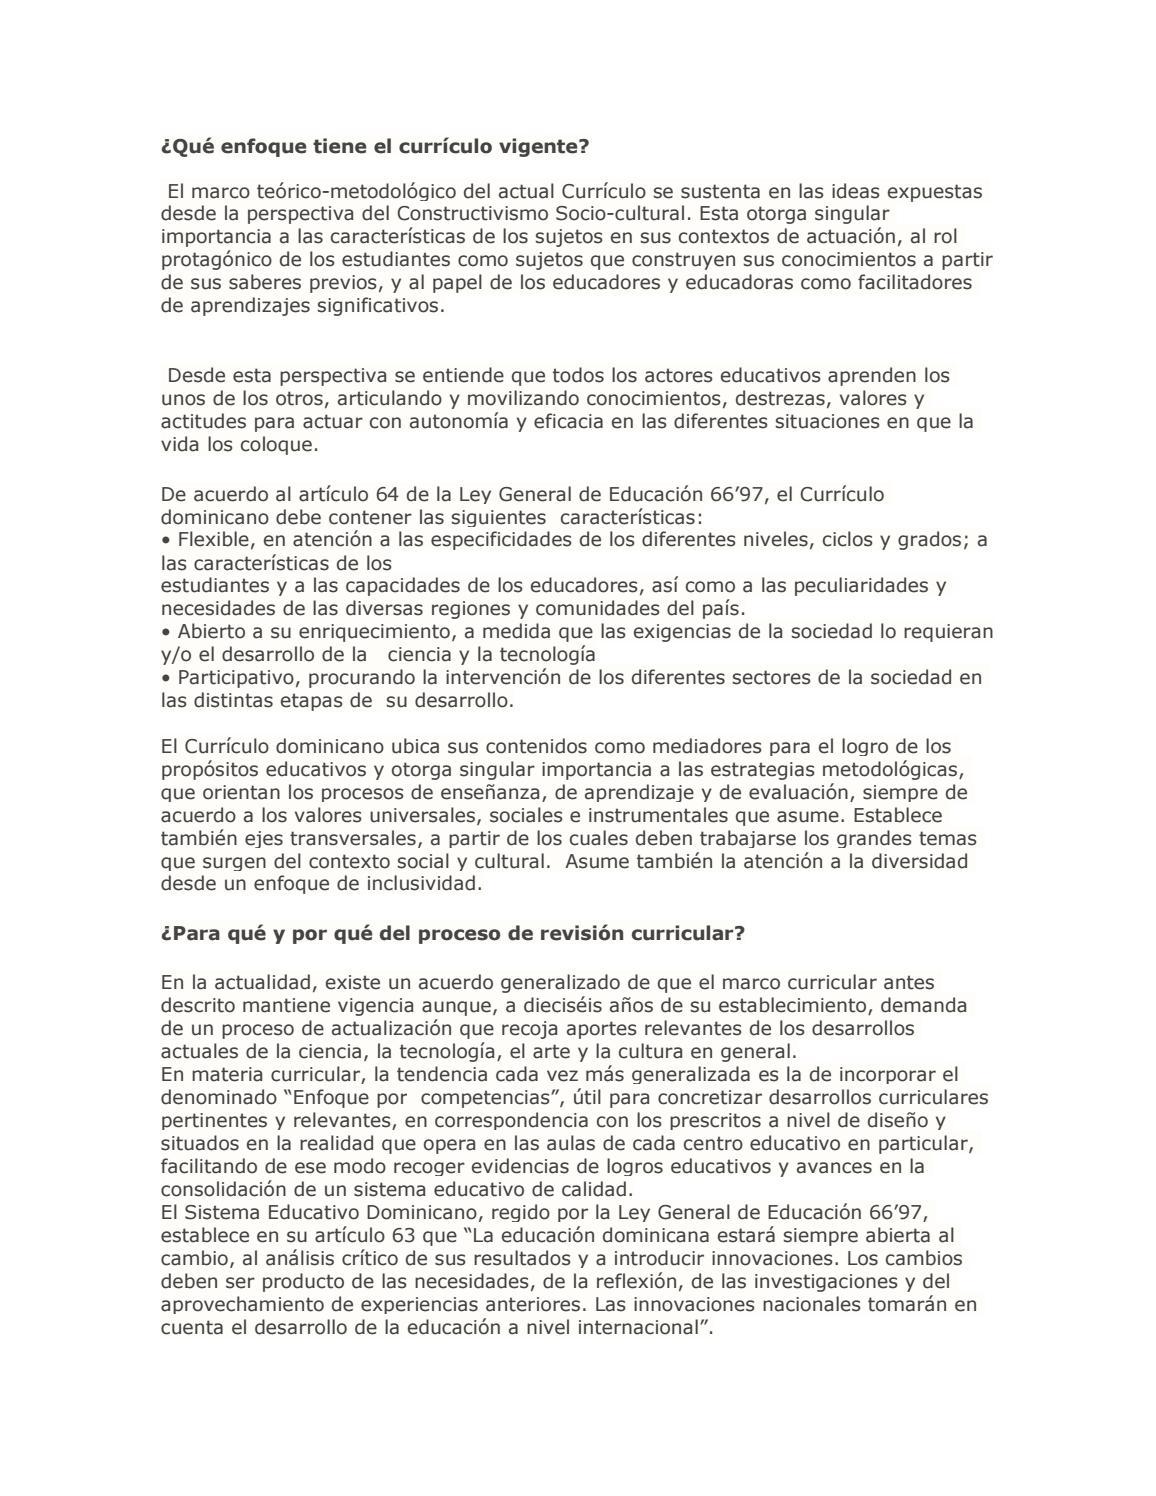 Qué enfoque tiene el currículo vigente by Eliana Margarita Páez de ...